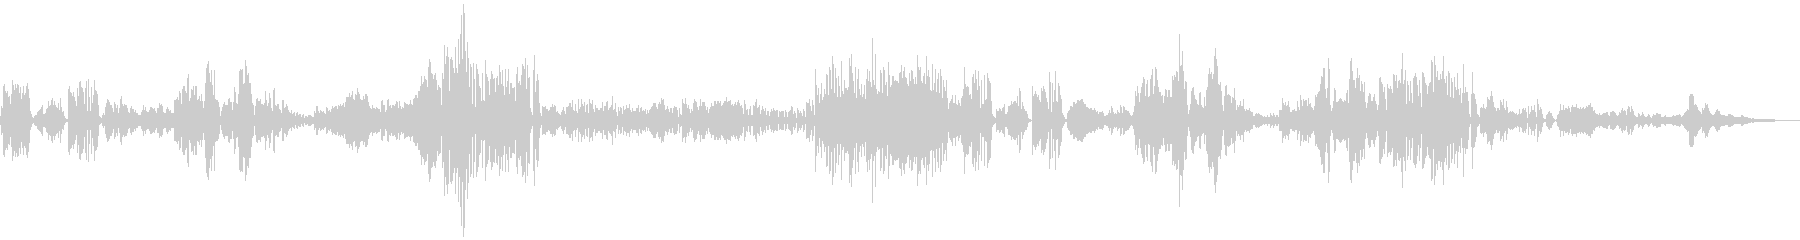 ドヴォルザーク作曲ソナチネ1の未再生の波形